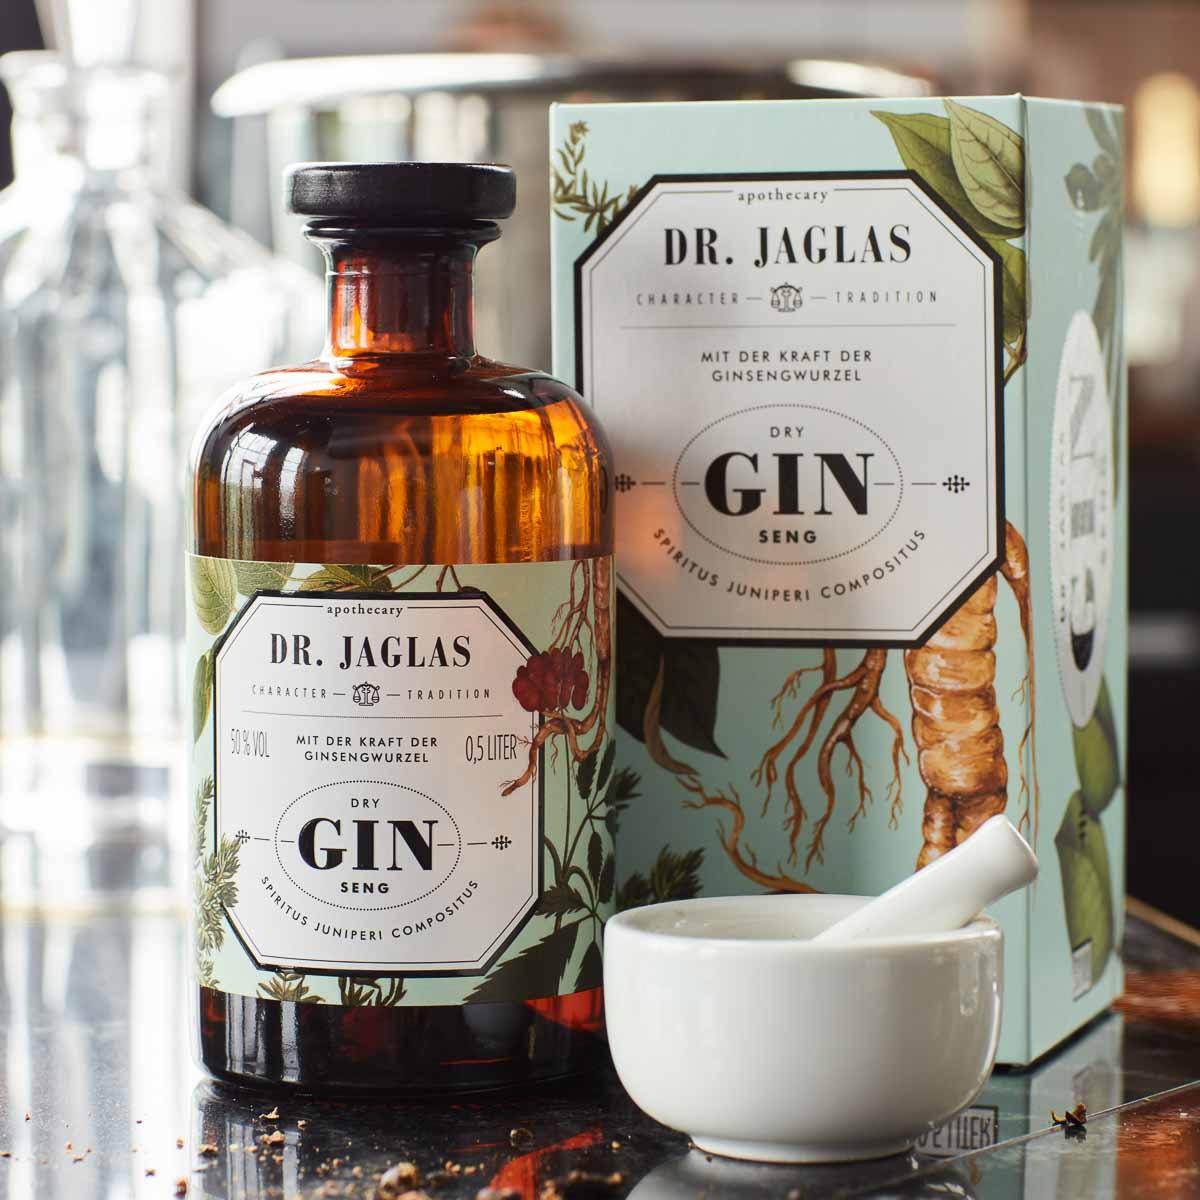 Dr. Jaglas Elexiere und Gin im Onlineshop-7